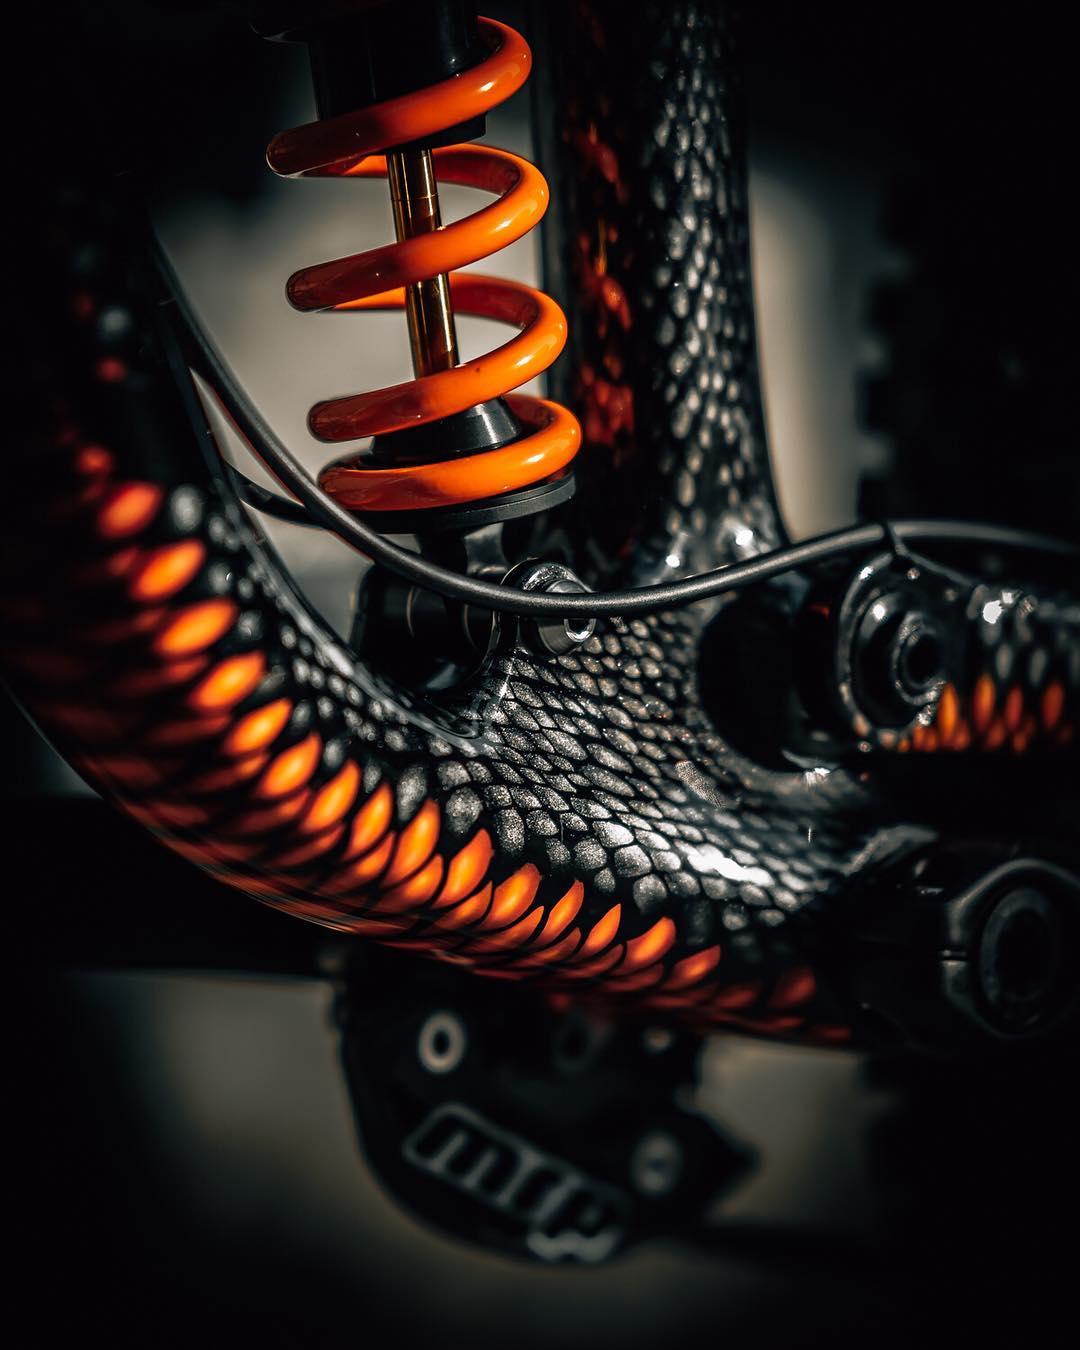 Snake bike bb.jpg